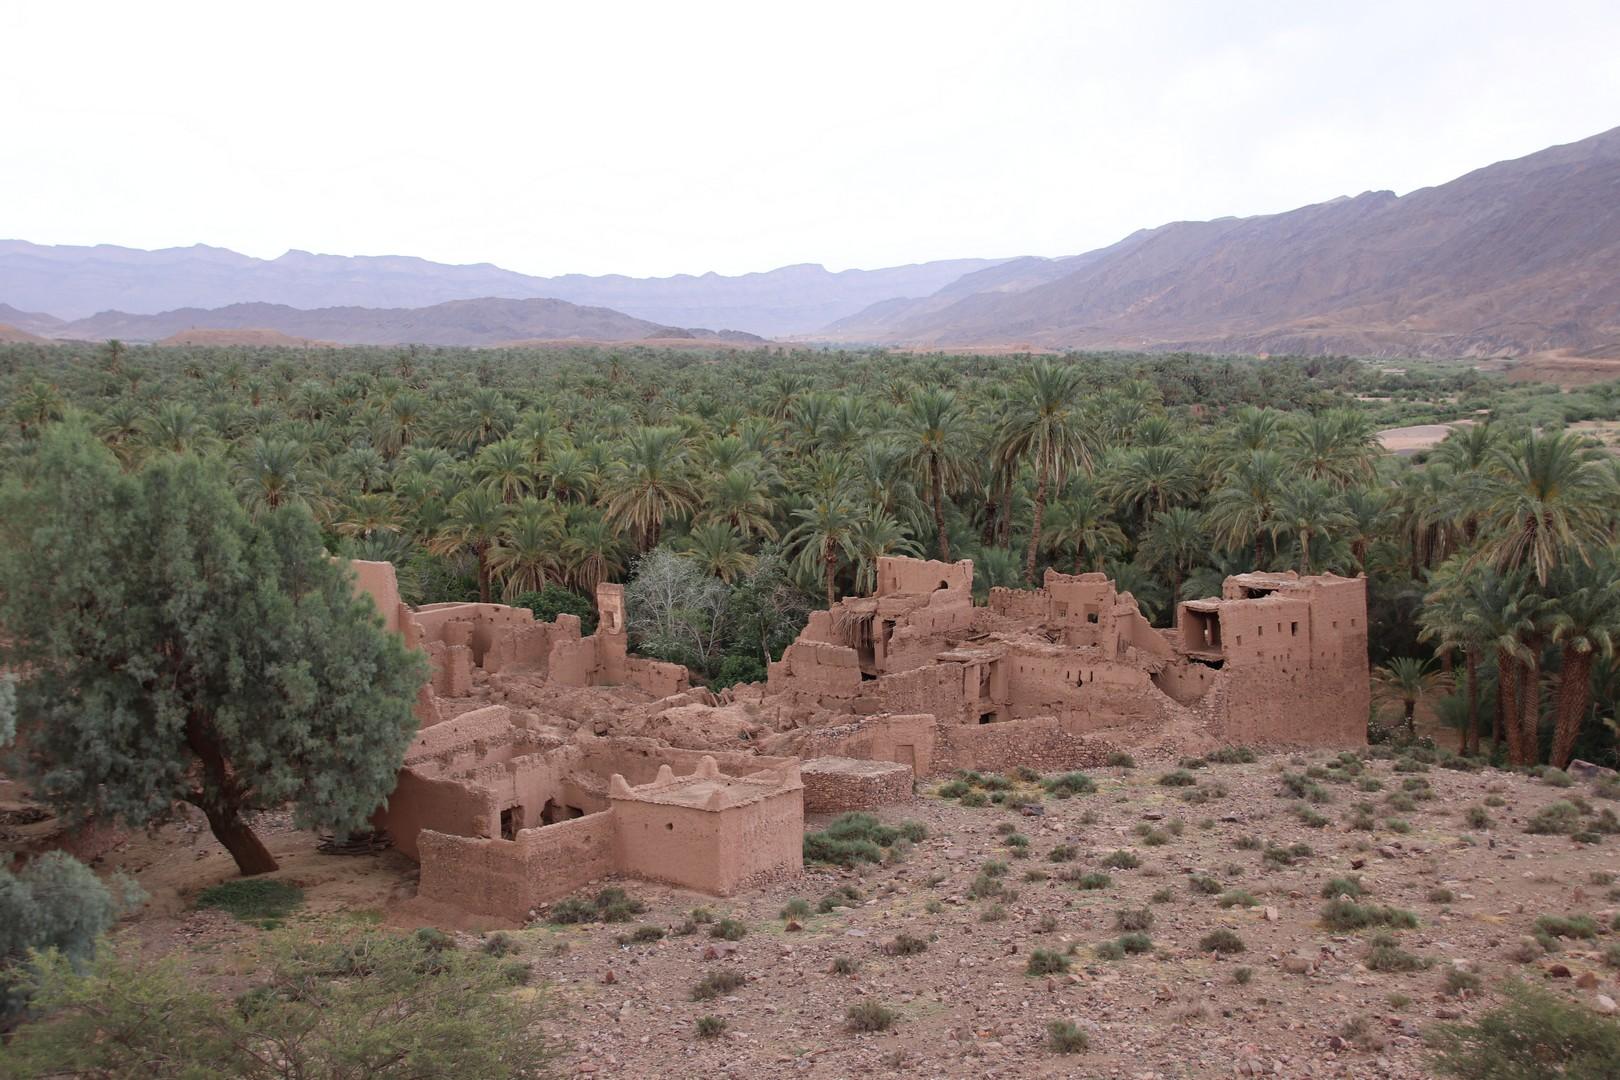 Maroc - Kasbah dans la palmeraie d'Agdz